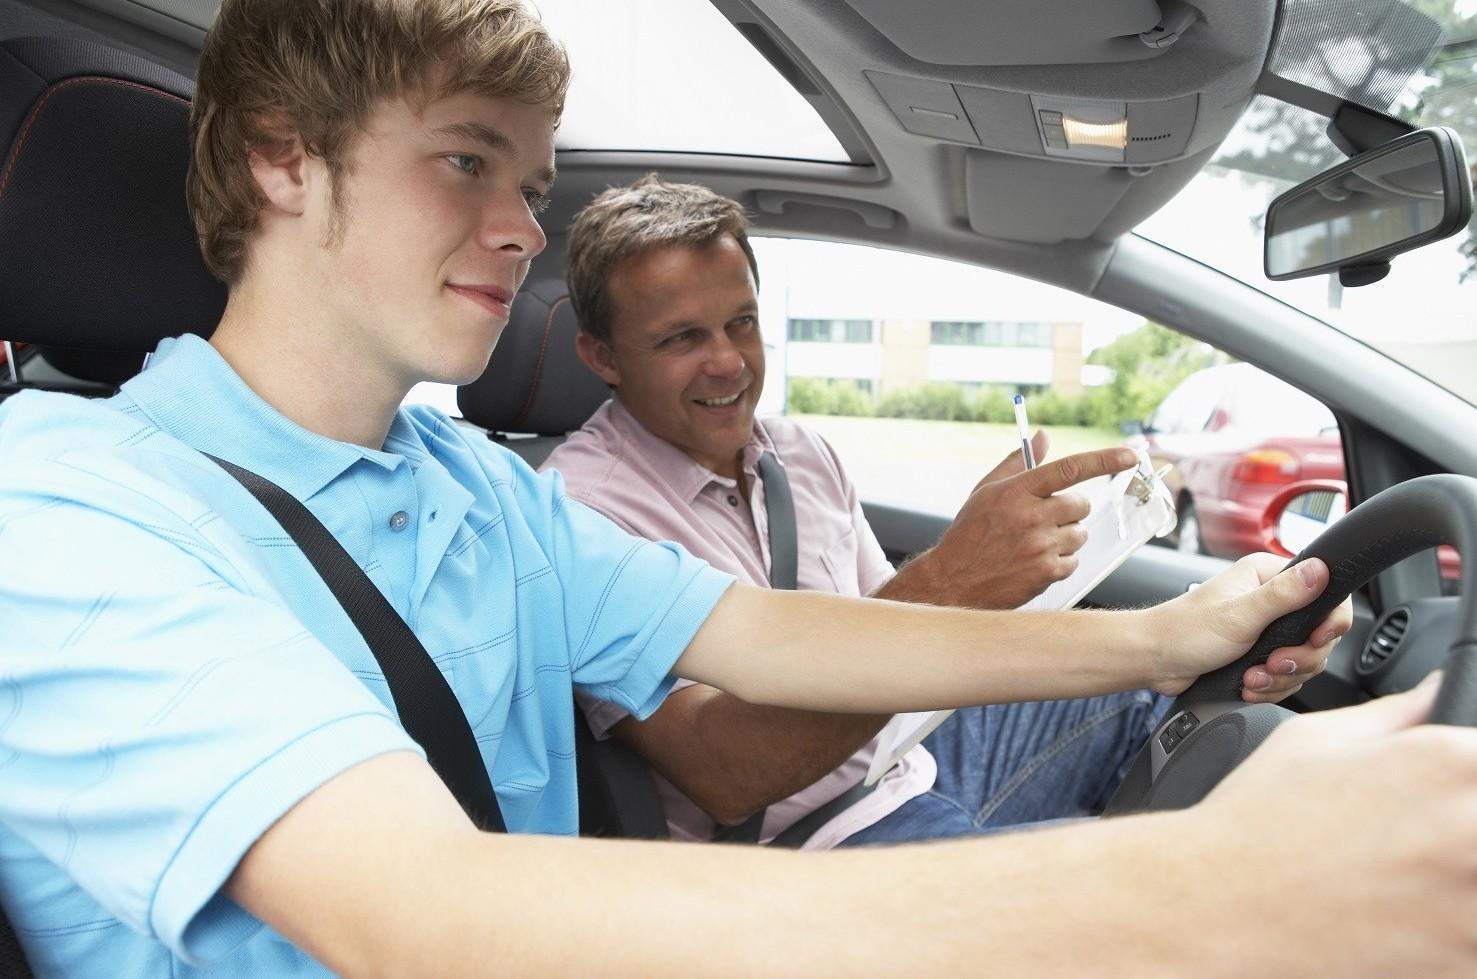 Guida con foglio rosa: dove guidare e con quali auto?